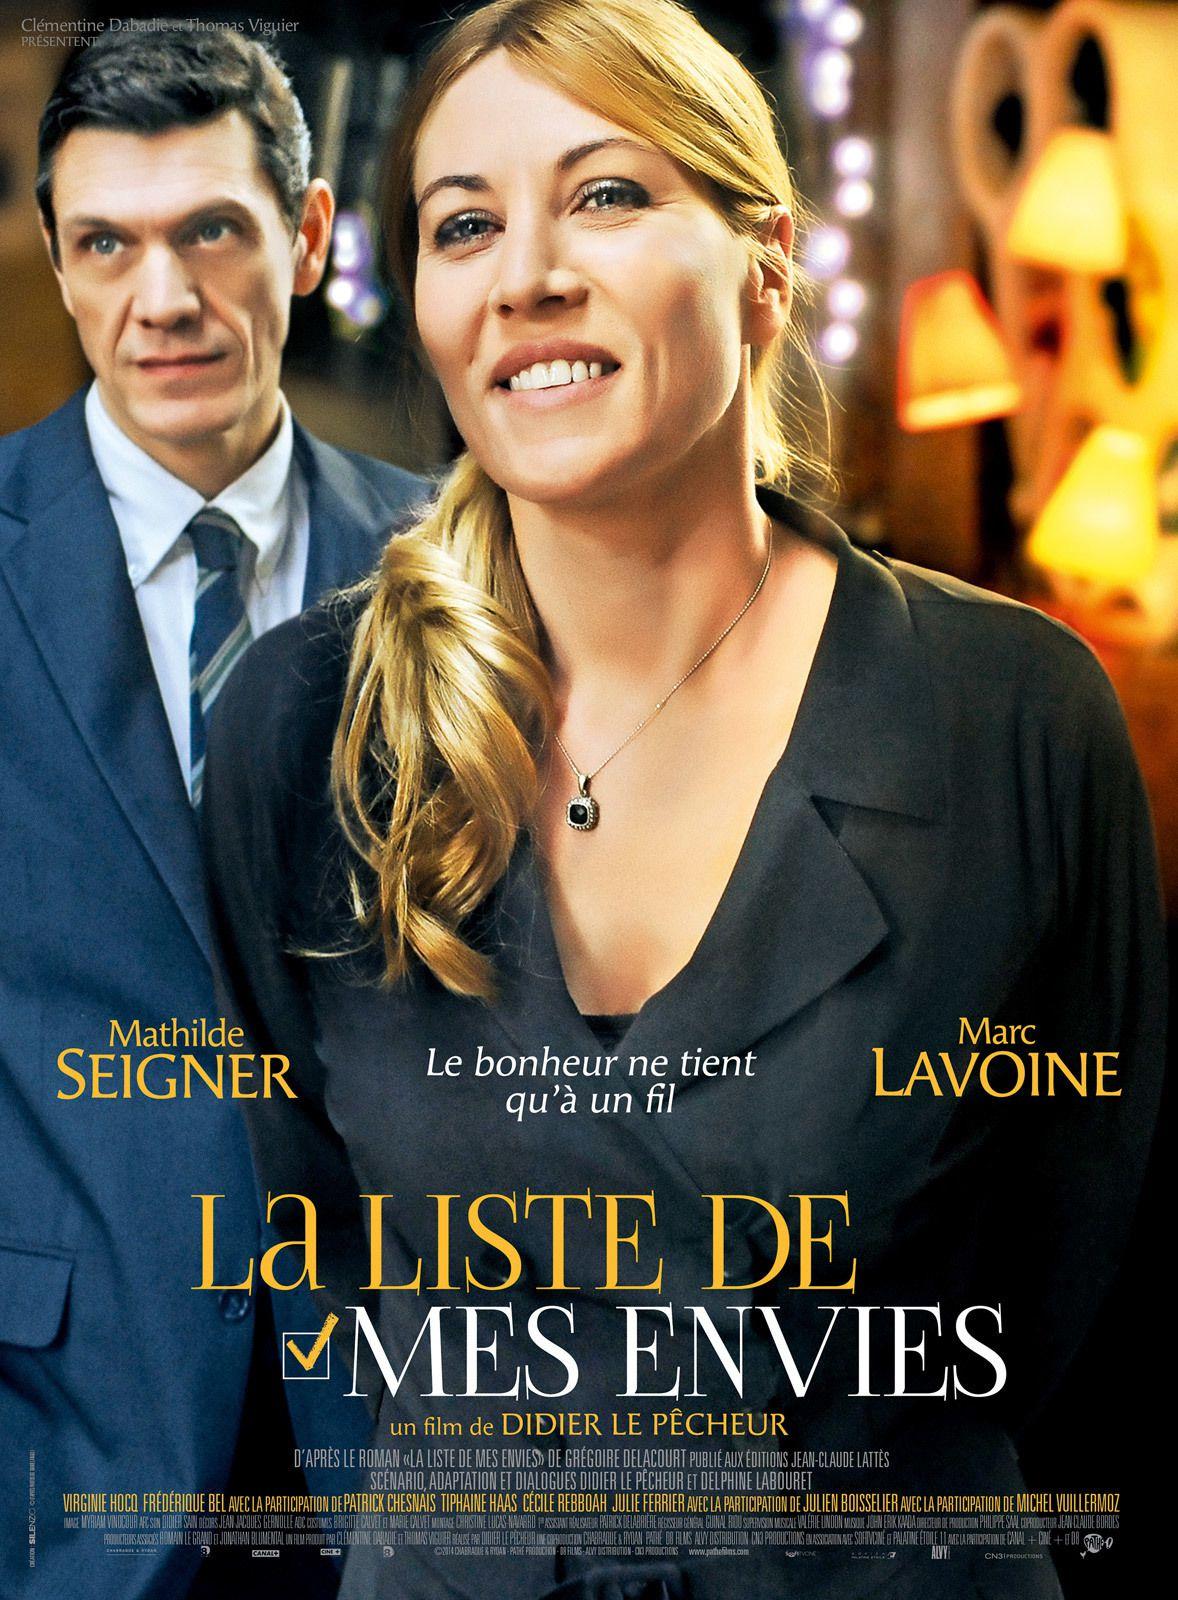 La Liste de mes envies - Film (2014)